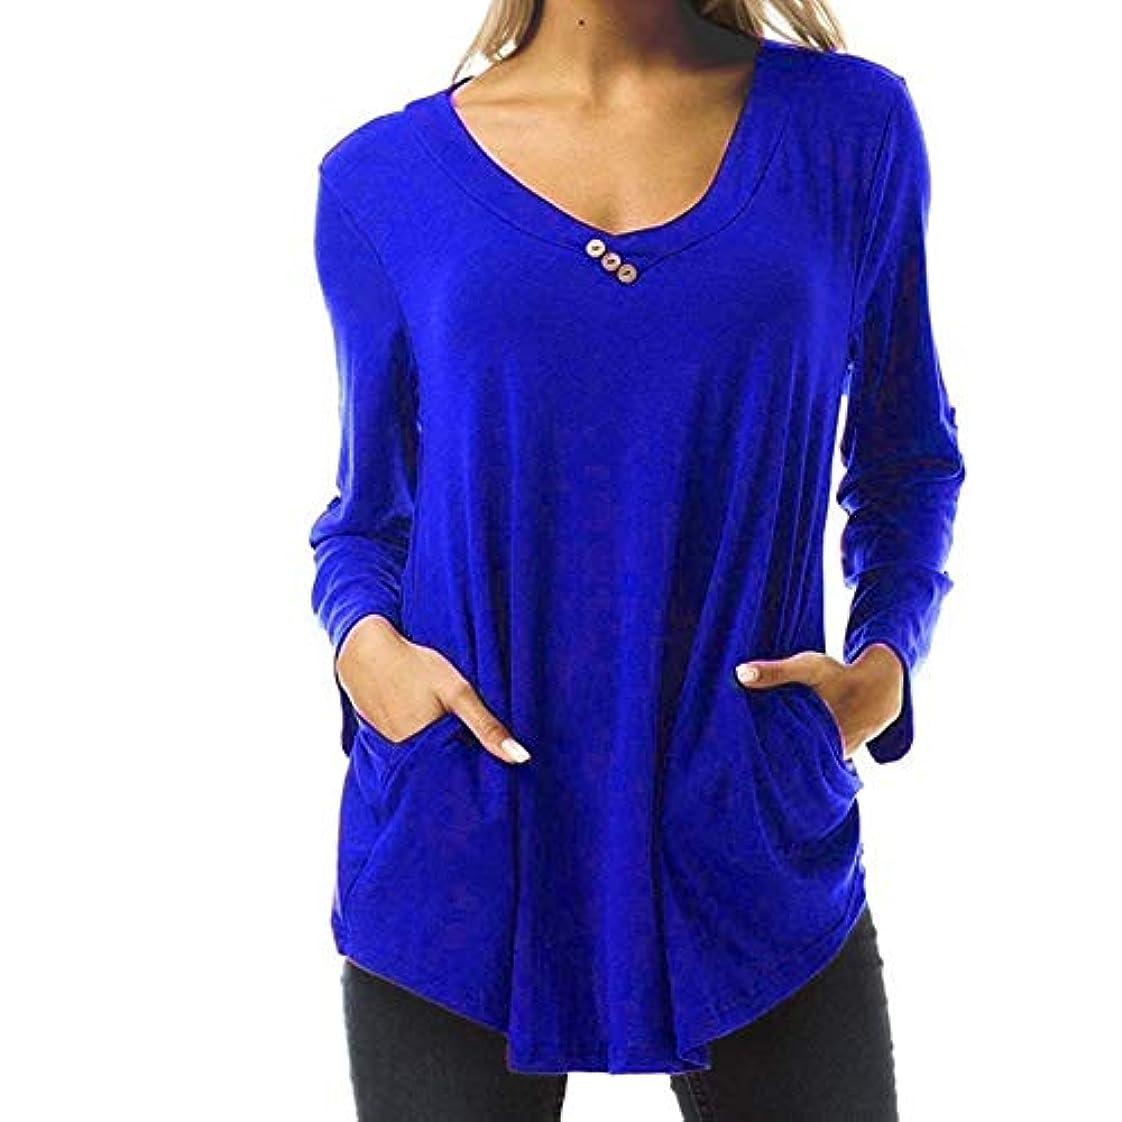 液体ランドマーク泣くMIFAN の女性のドレスカジュアルな不規則なドレスルースサマービーチTシャツドレス